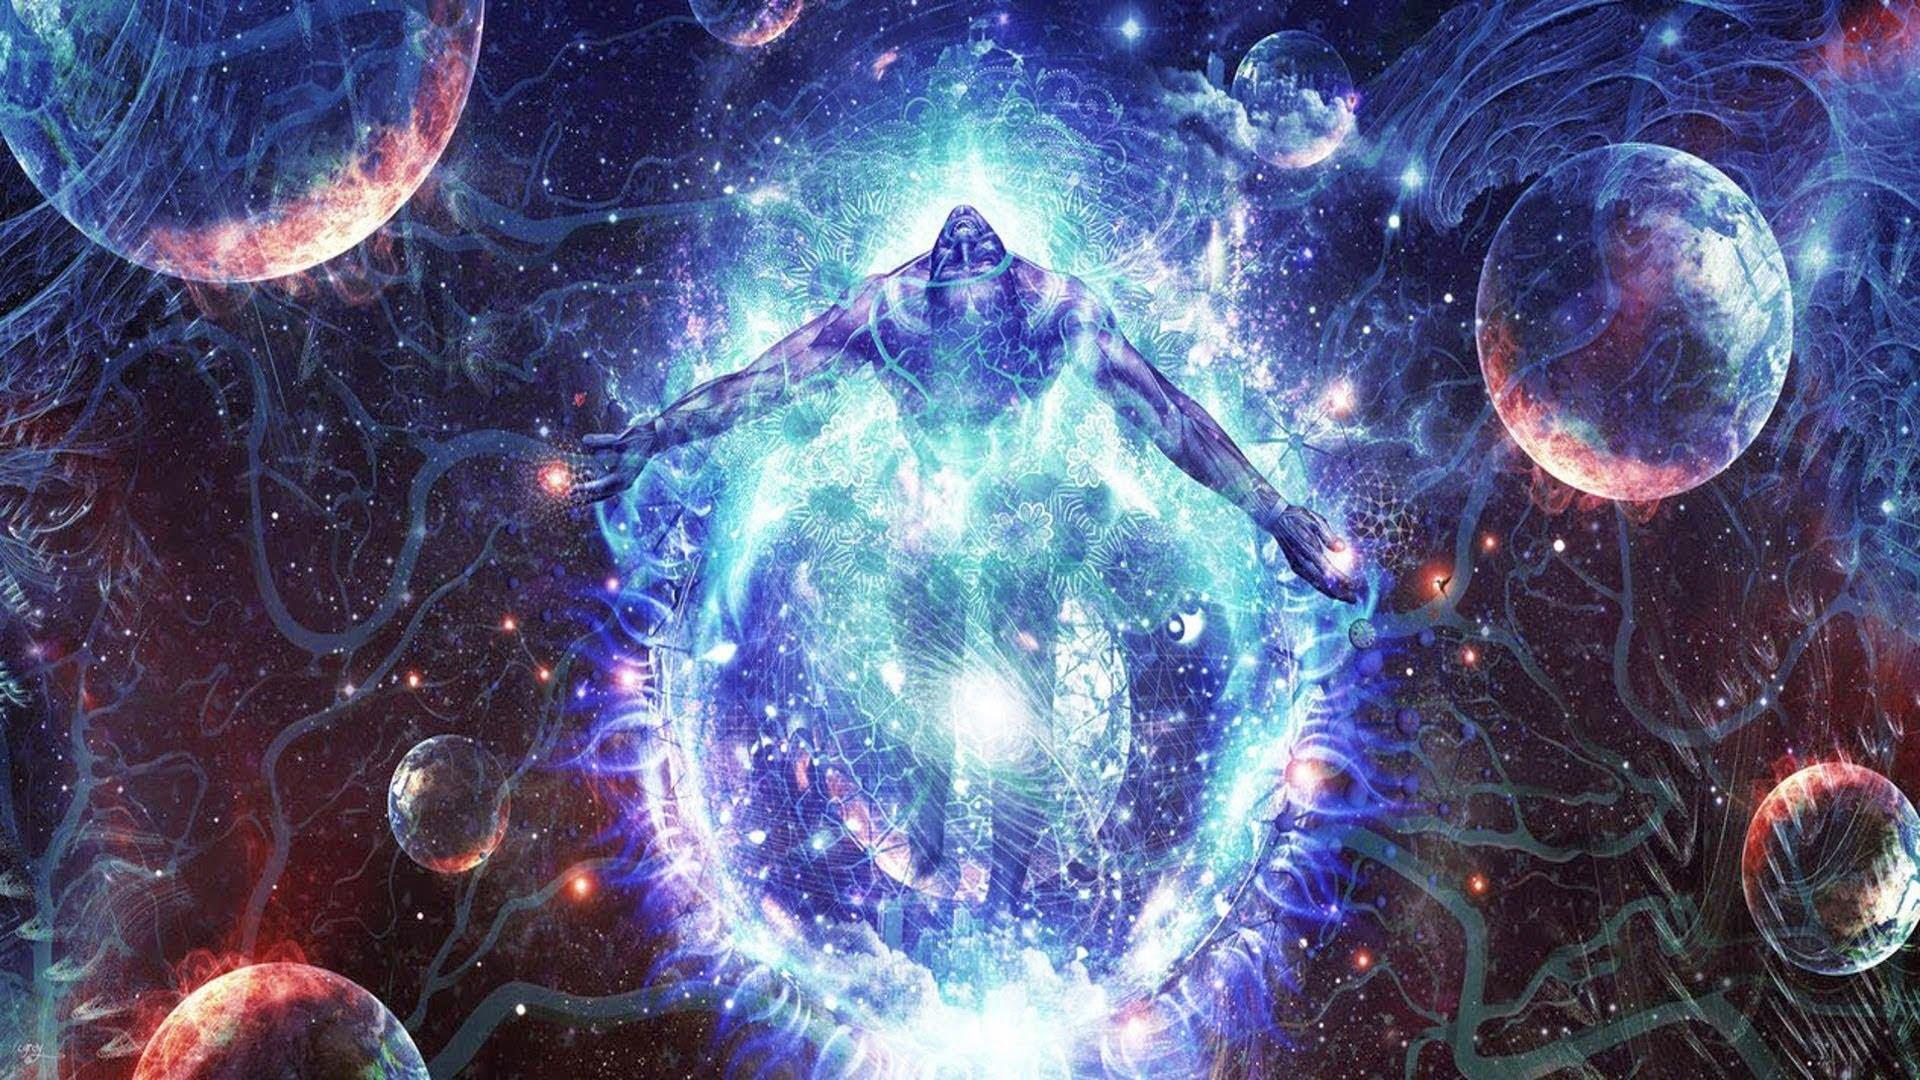 Astral Seyahatle Yapabileceklerimiz